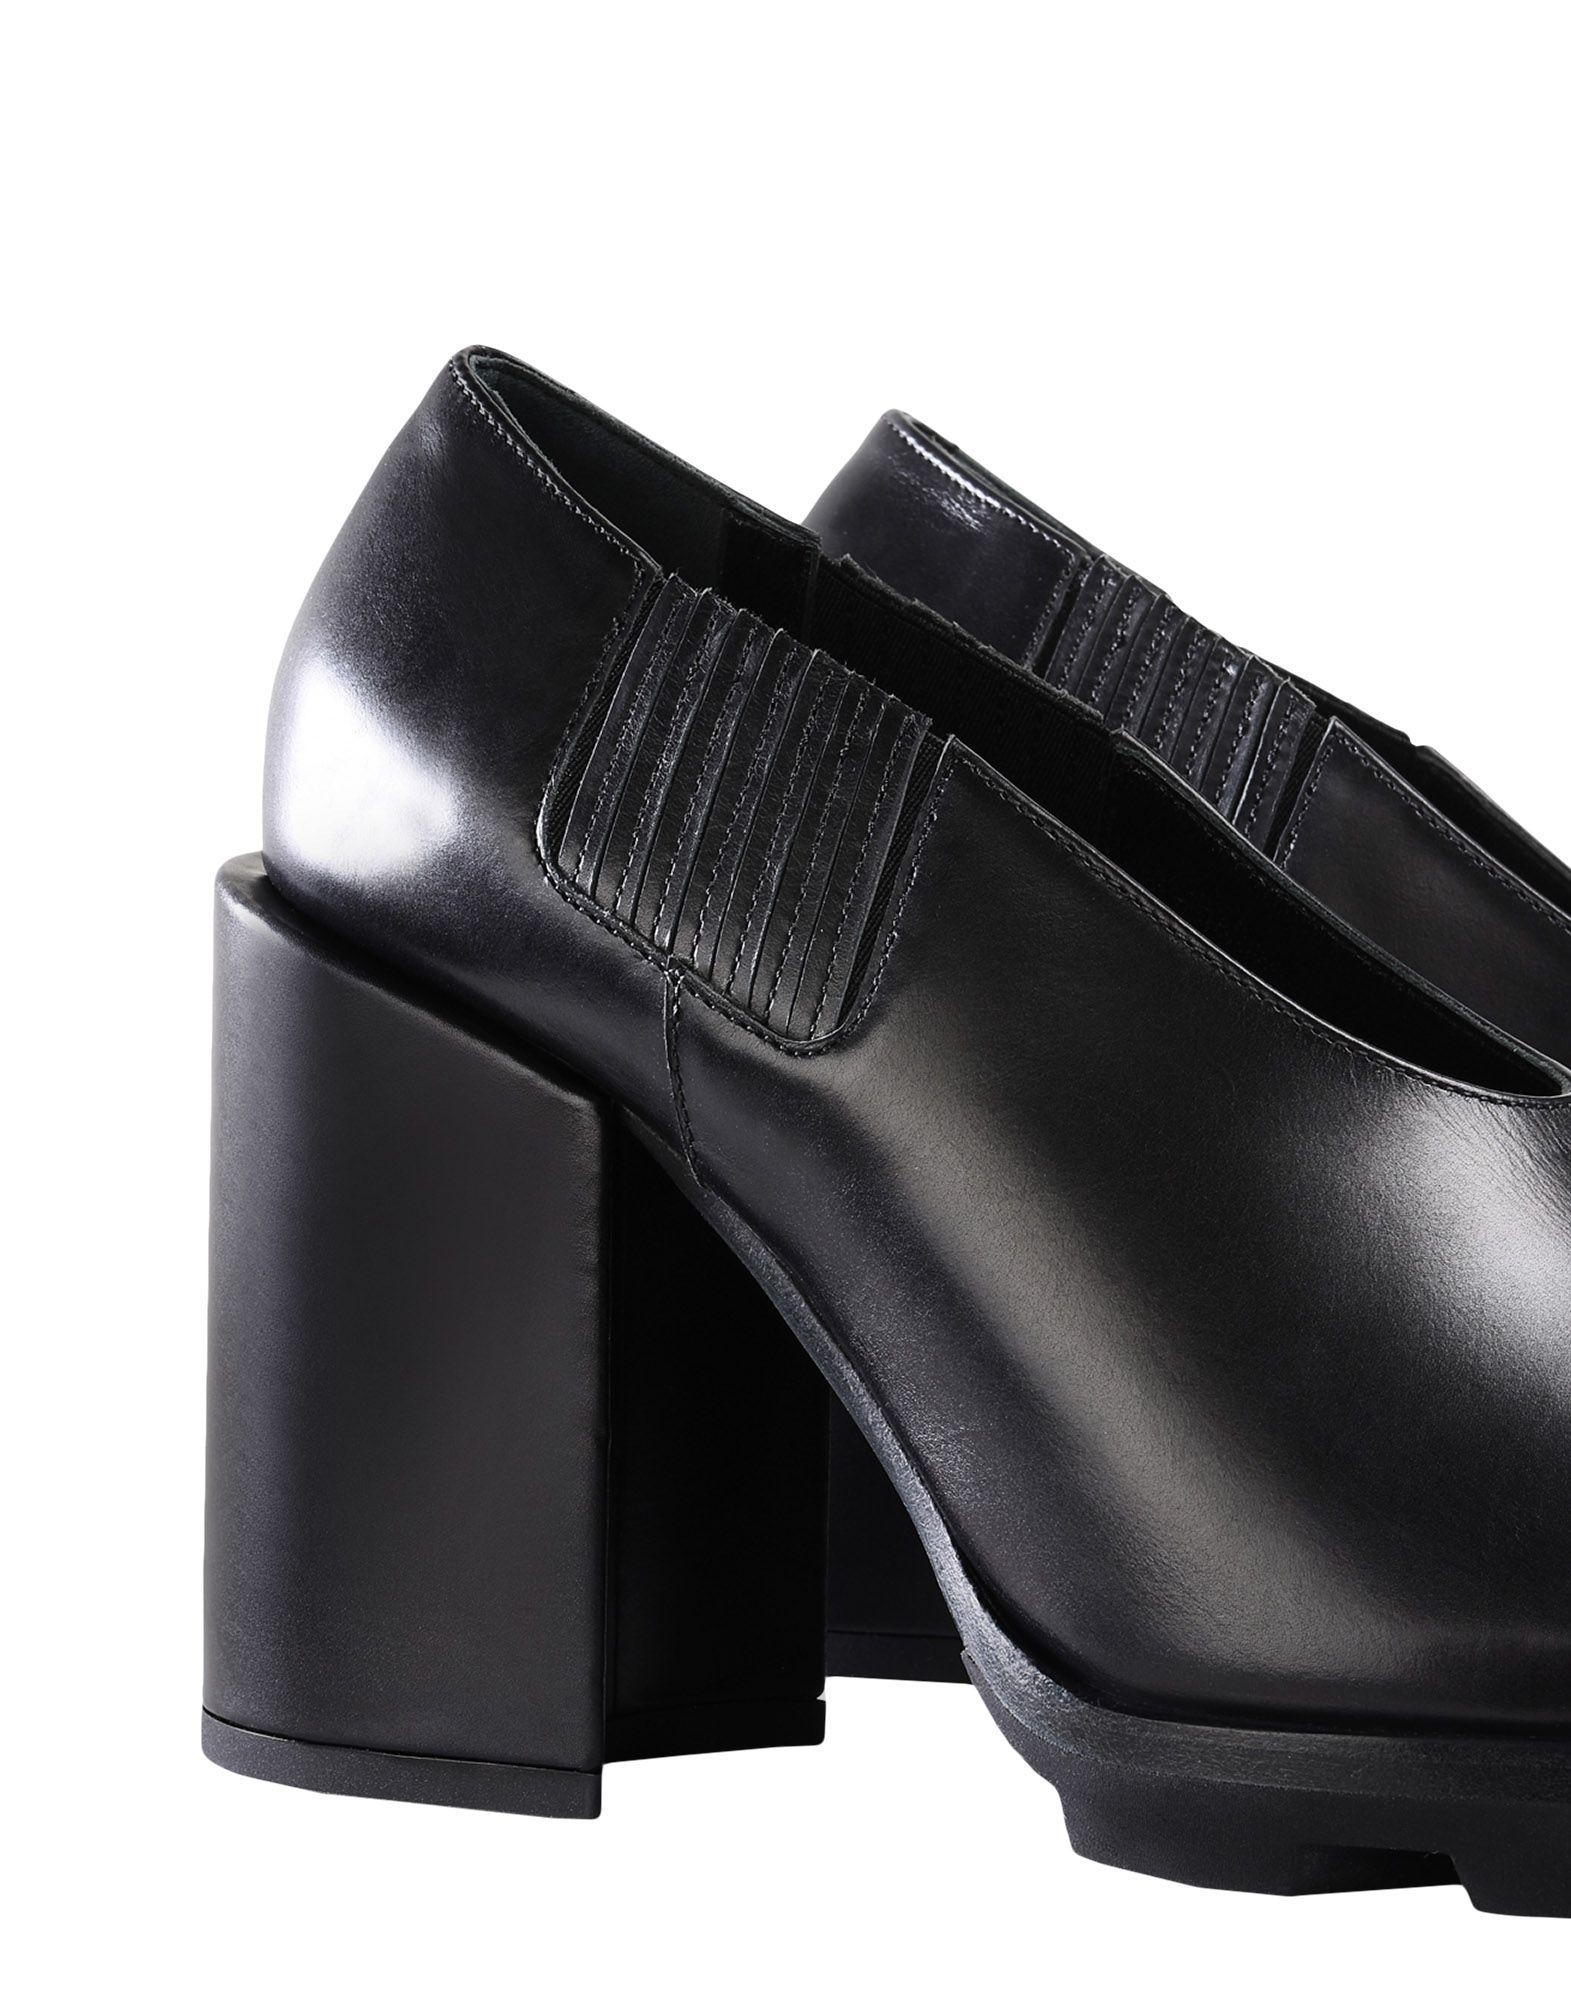 Rabatt Damen Schuhe Jil Sander Stiefelette Damen Rabatt  11518090FR a11224